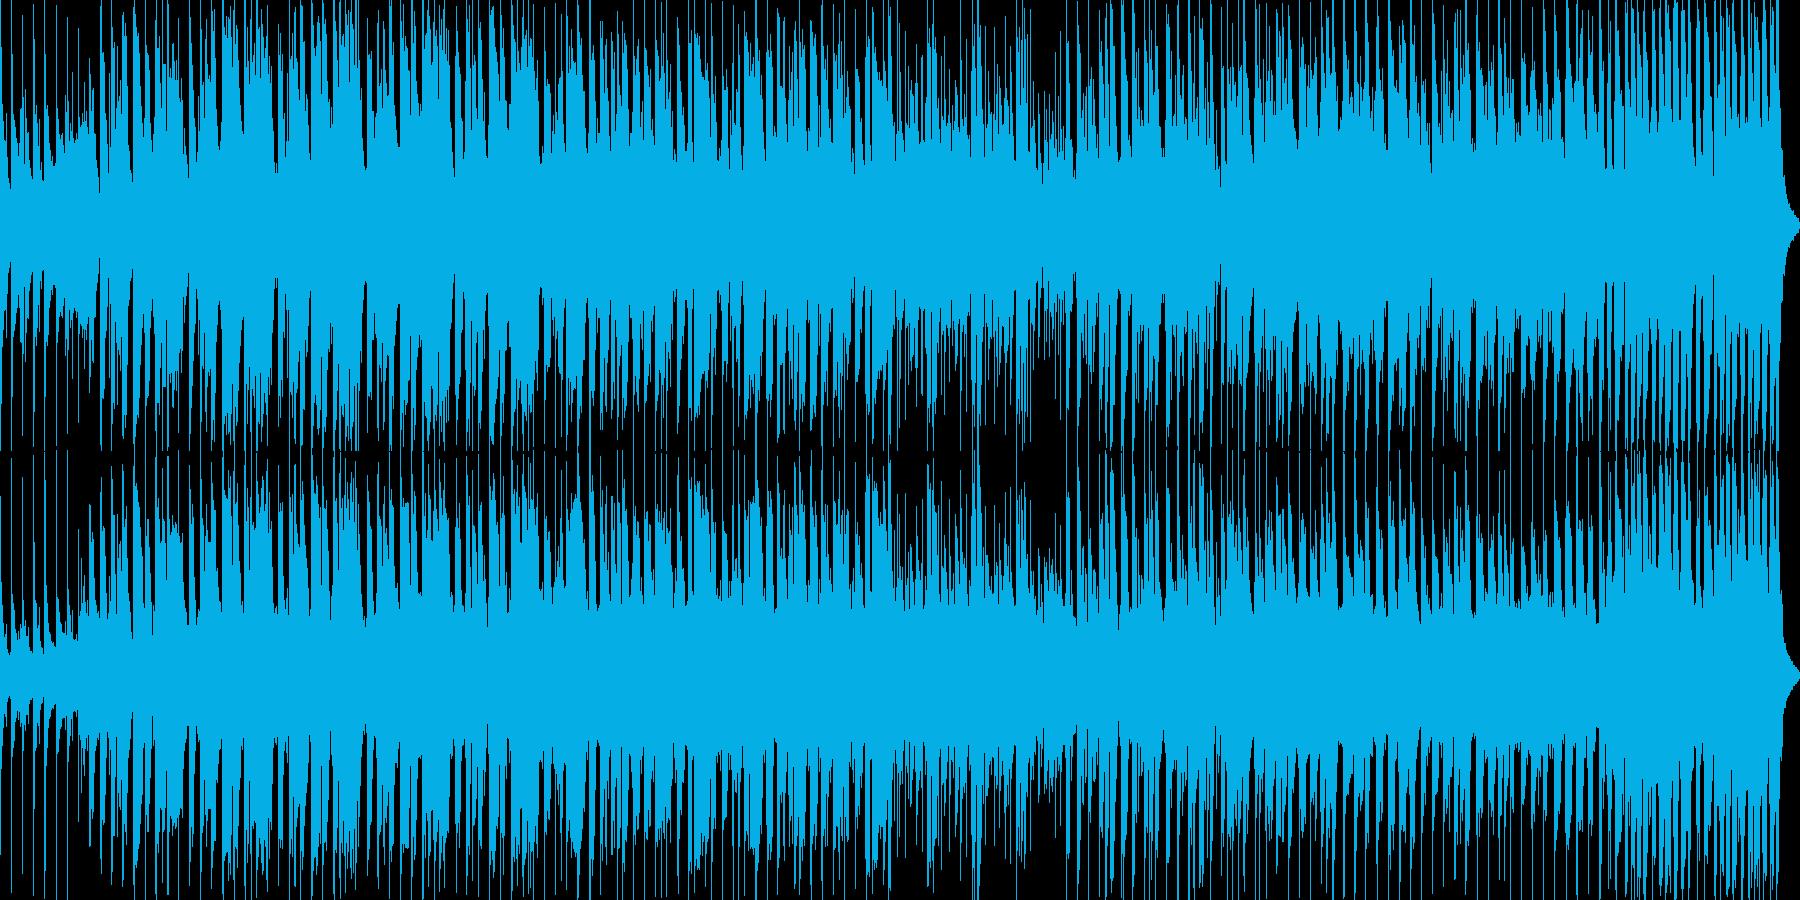 ノスタルジックで攻撃的の再生済みの波形